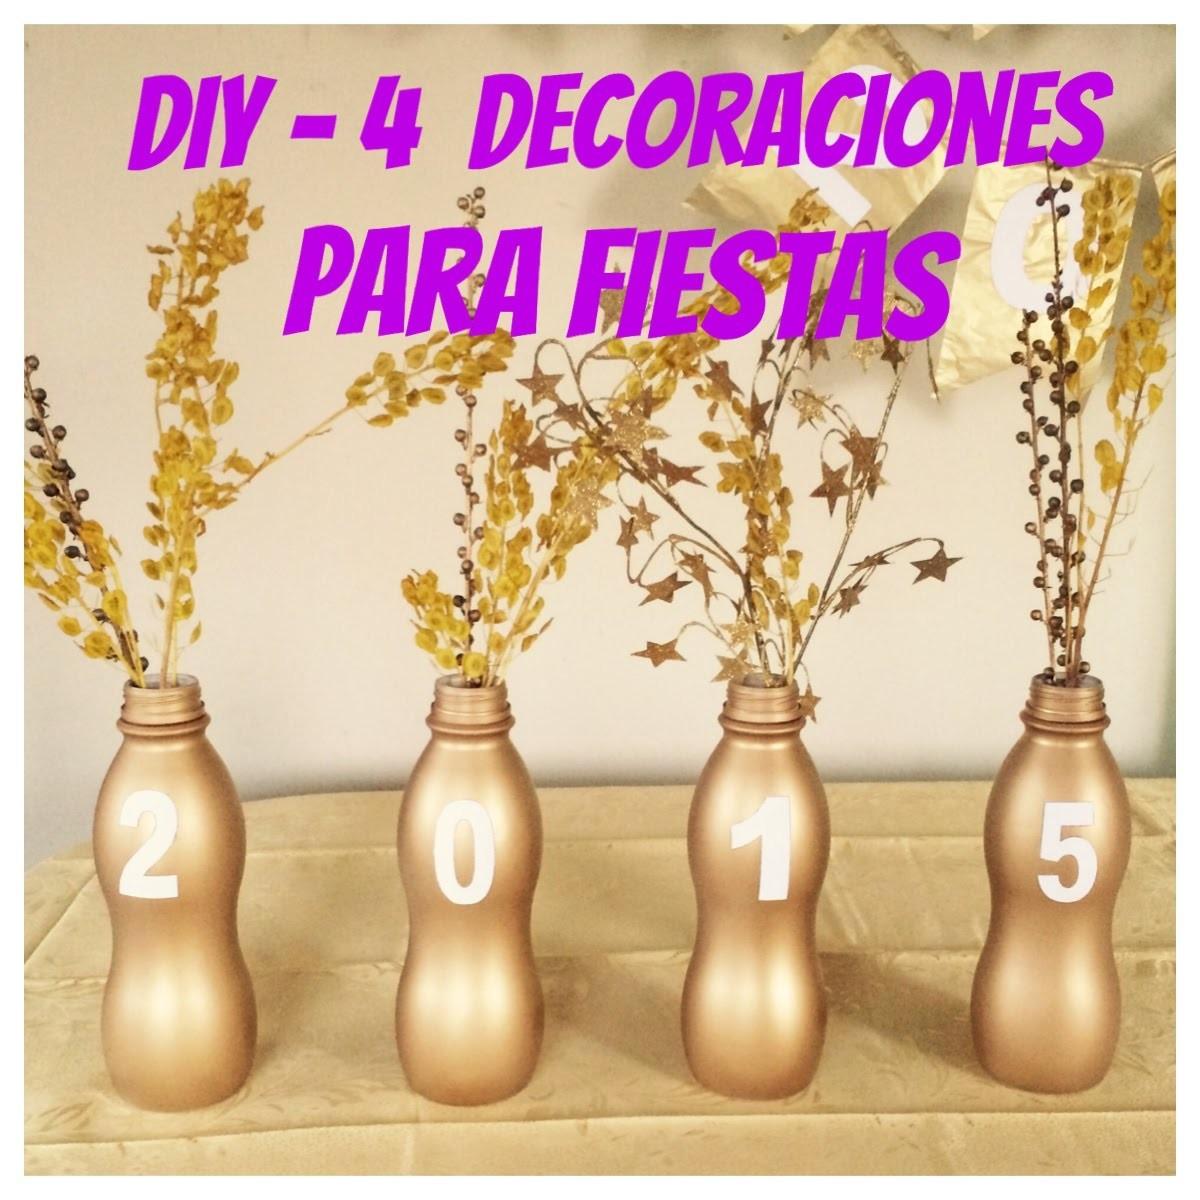 DIY- 4 Decoraciones para Fiesta de Año Nuevo - malir15